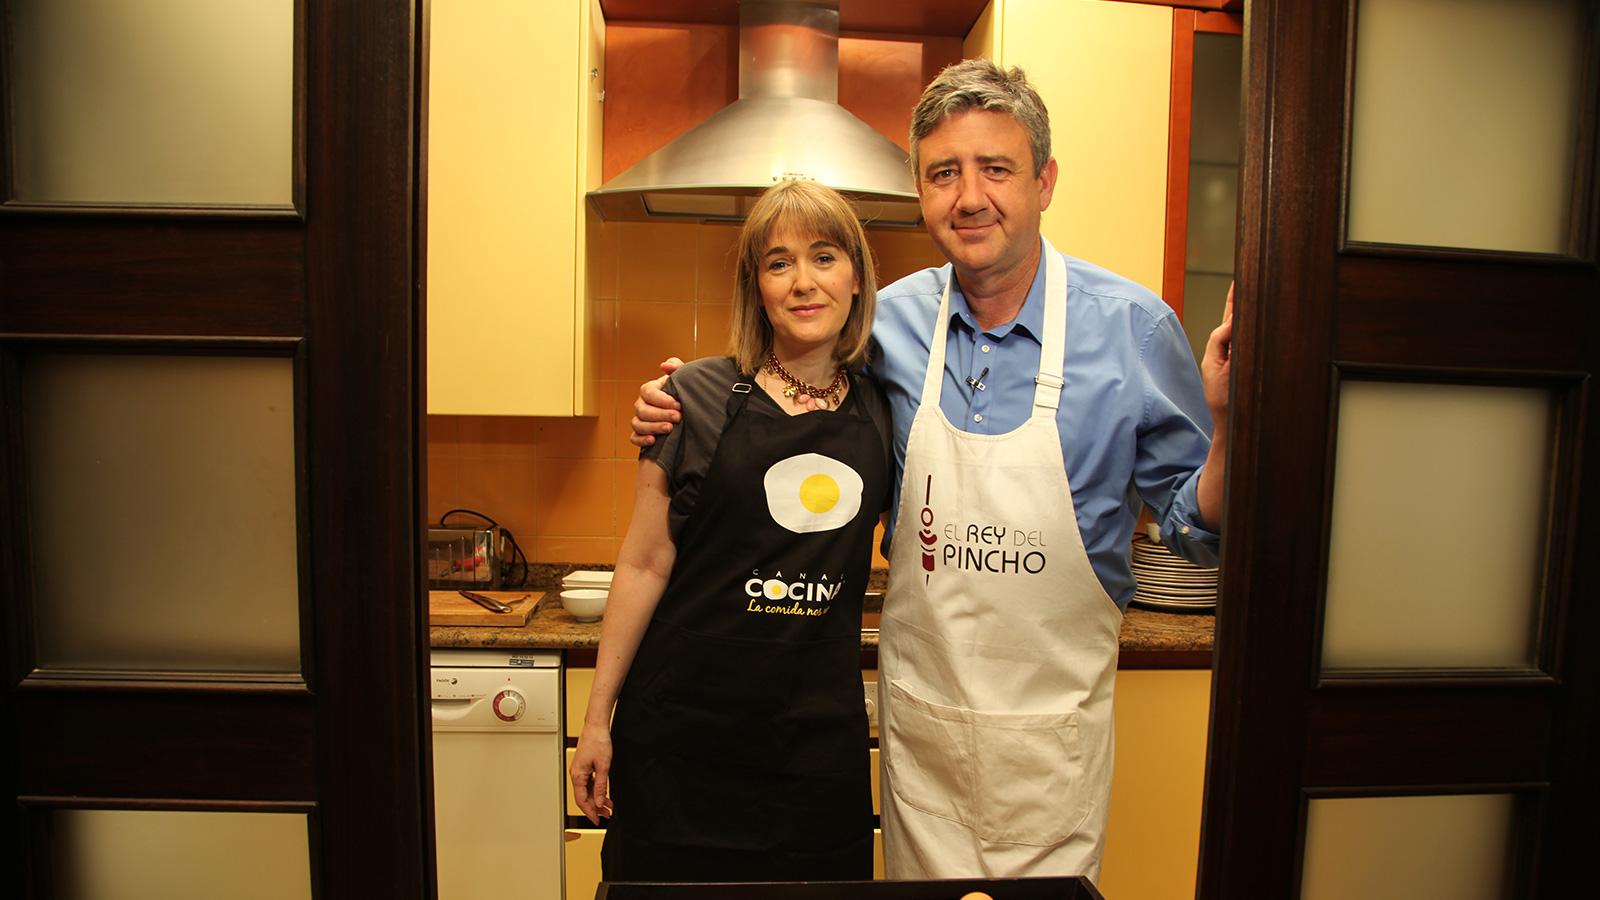 Marta rivera de la cruz cocineros canal cocina for Cocineros de canal cocina